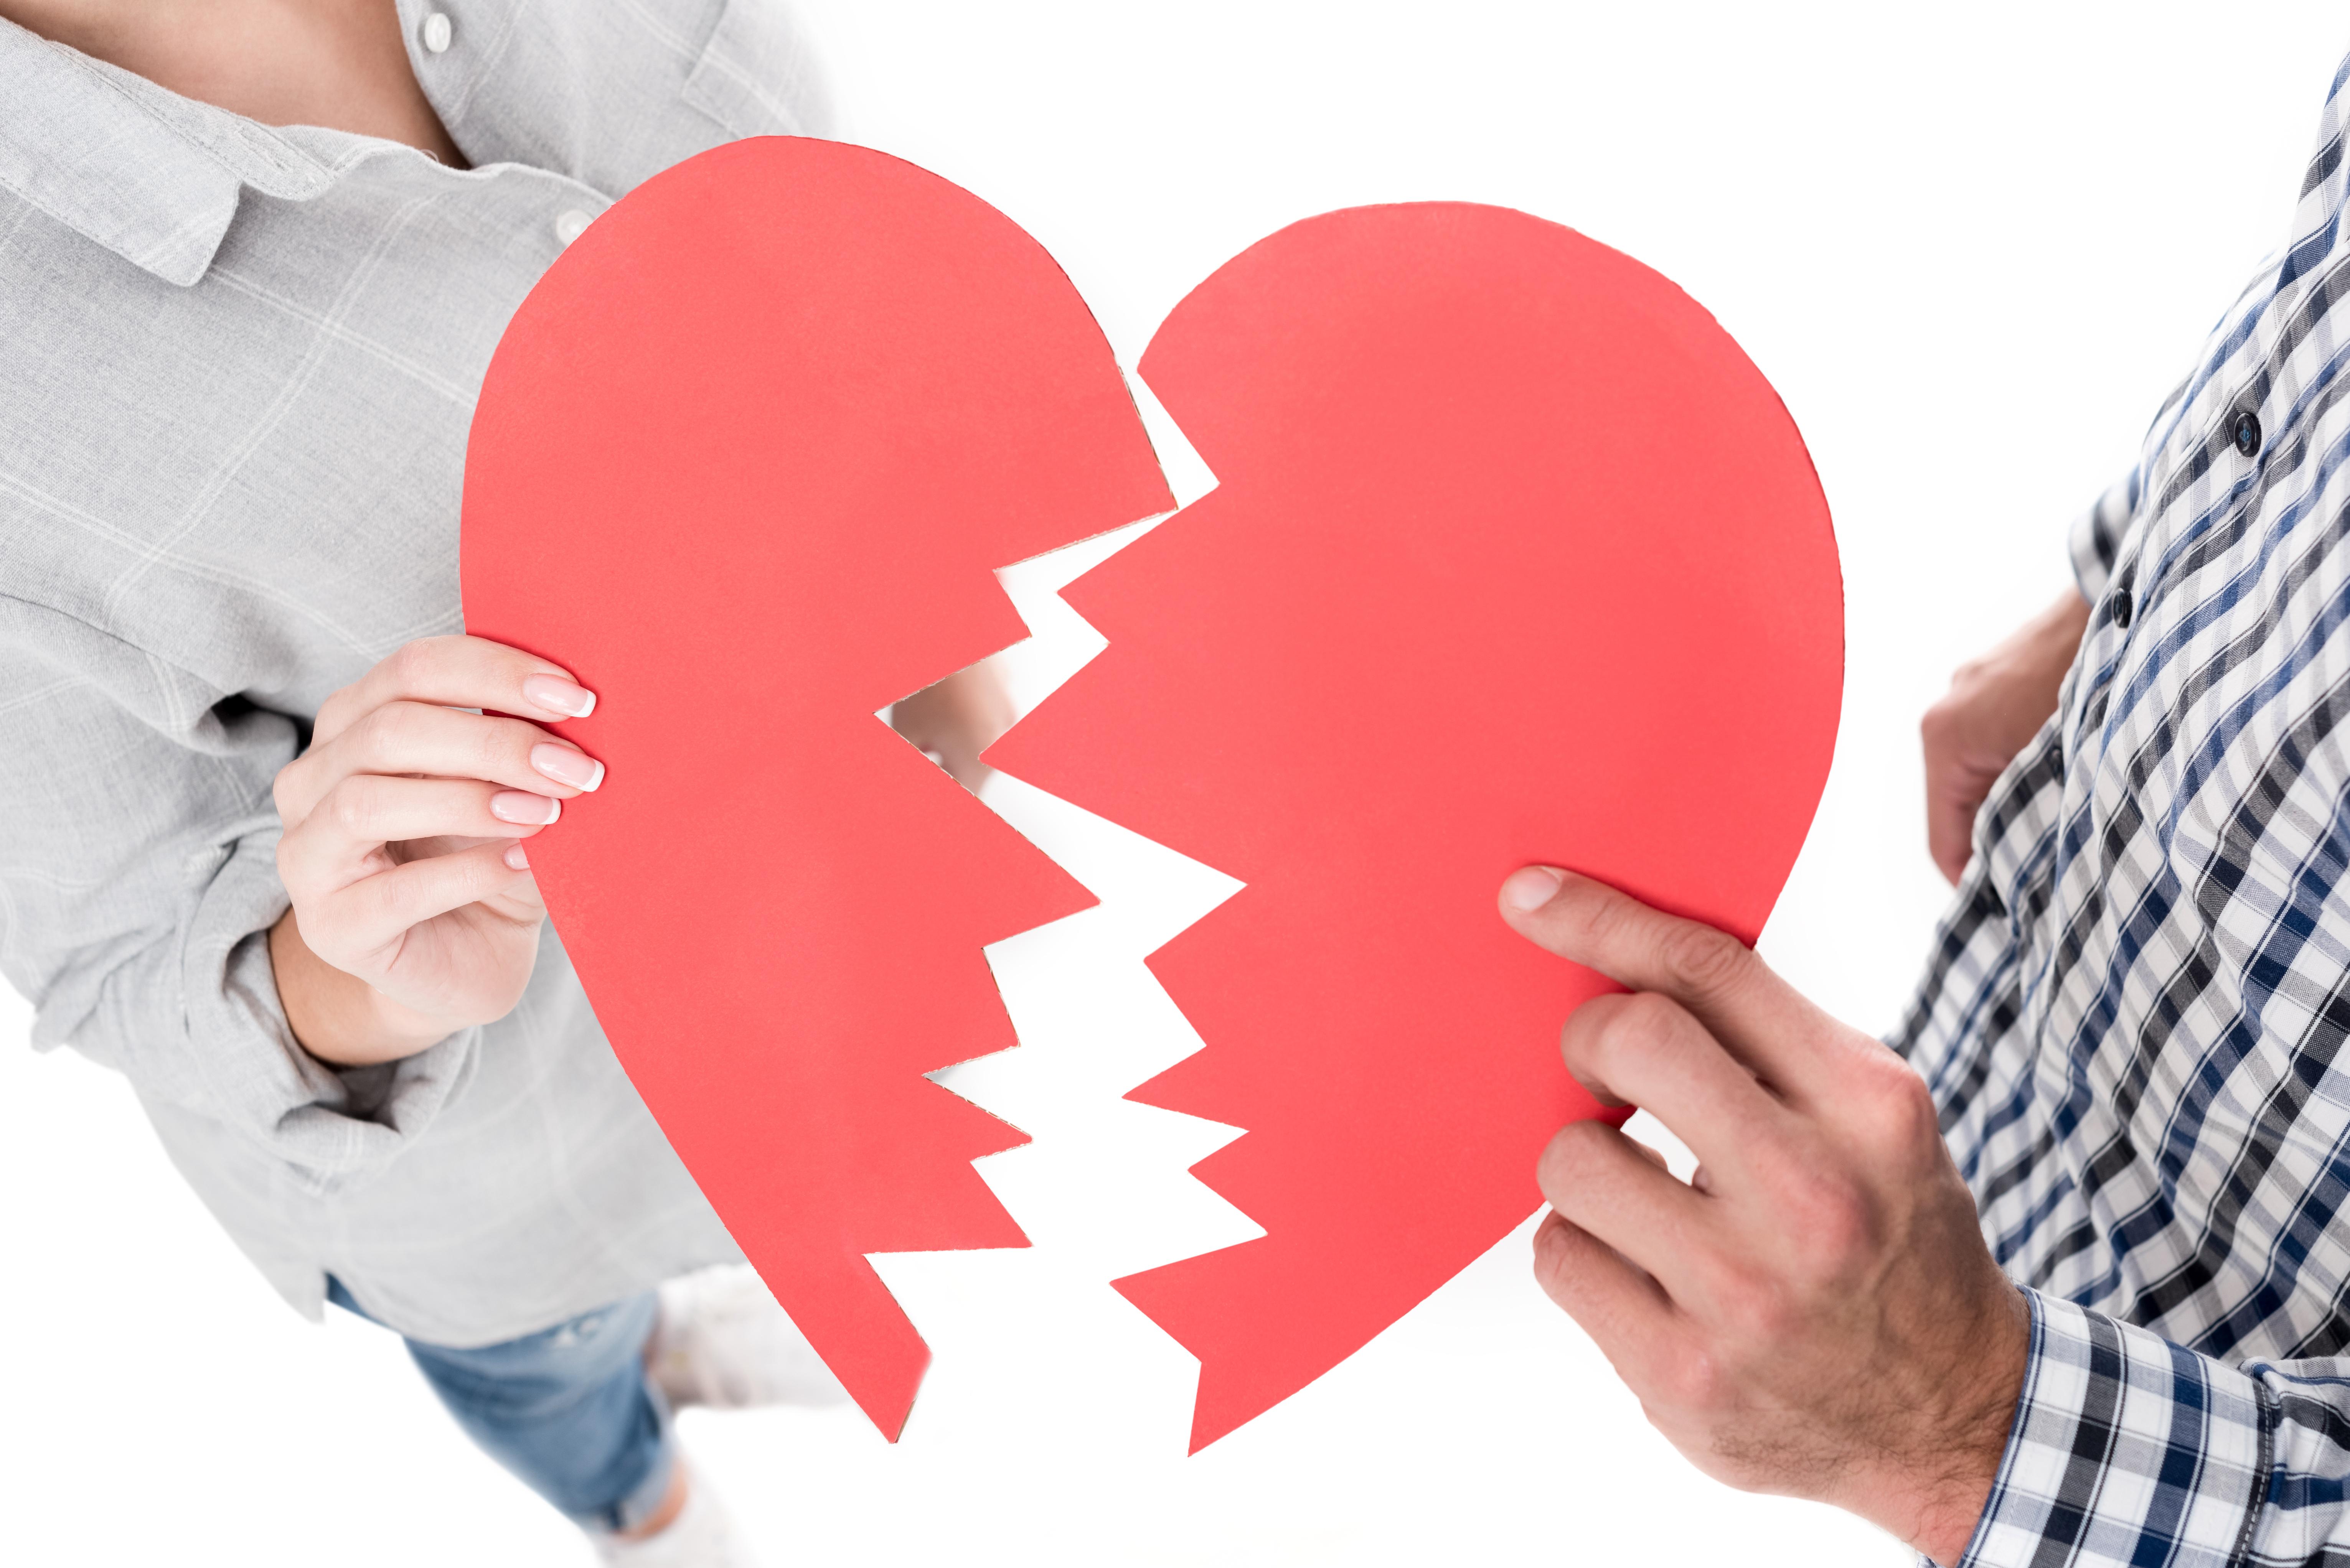 Як зрозуміти, що шлюб на стадії краху: 4 приводу стати уважніше